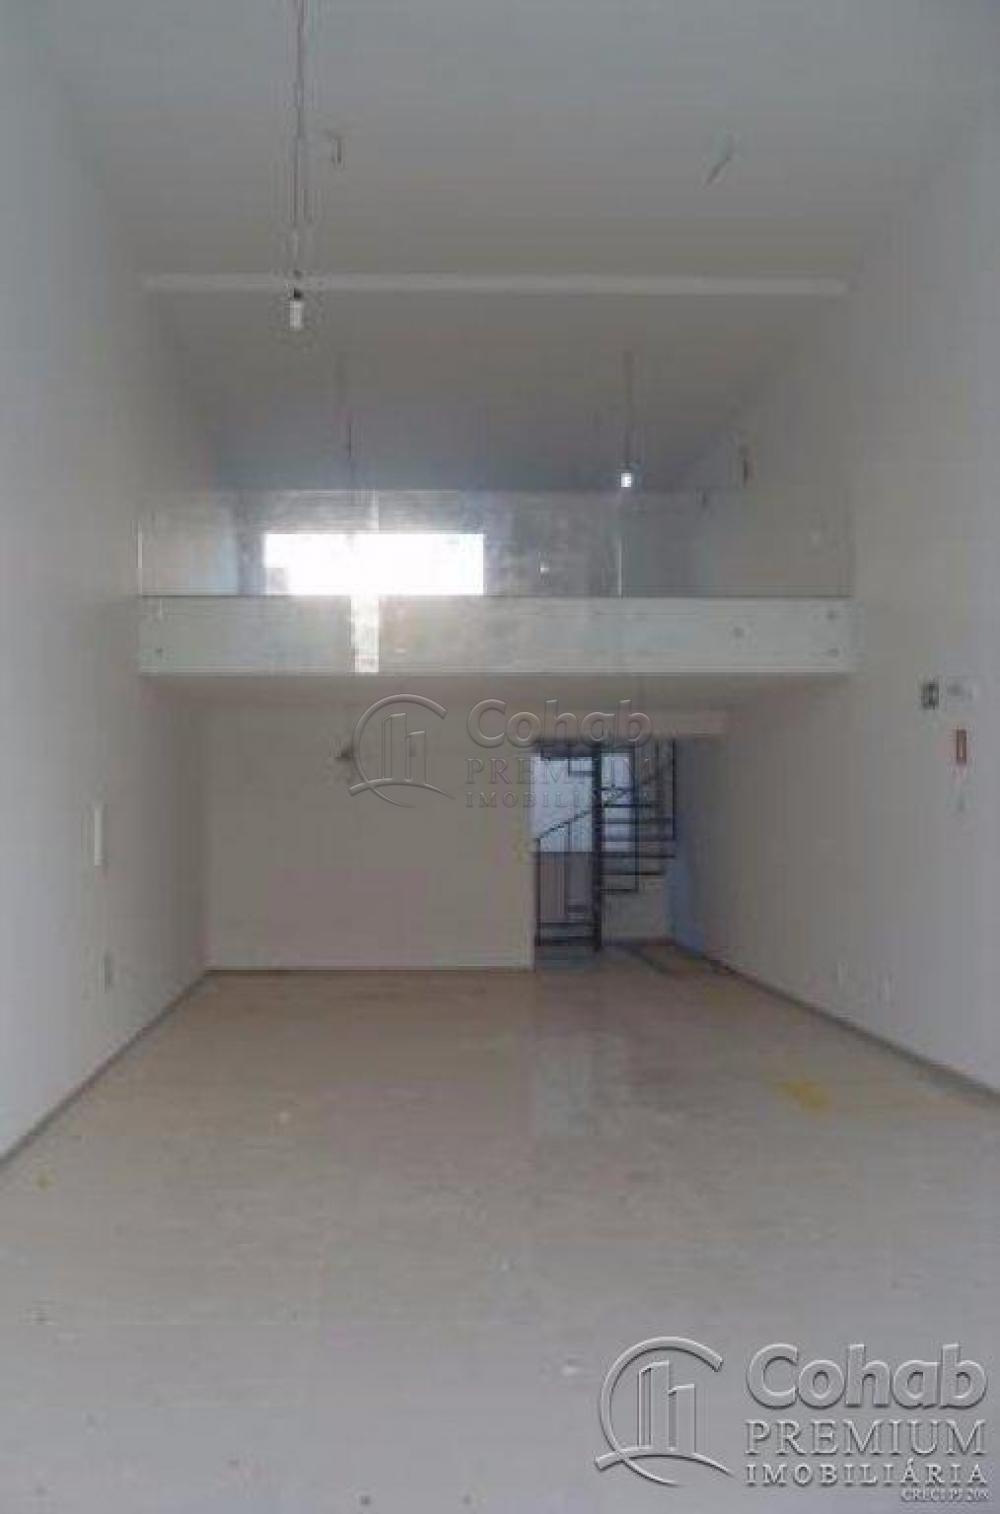 Alugar Comercial / Ponto Comercial em Aracaju apenas R$ 4.000,00 - Foto 3